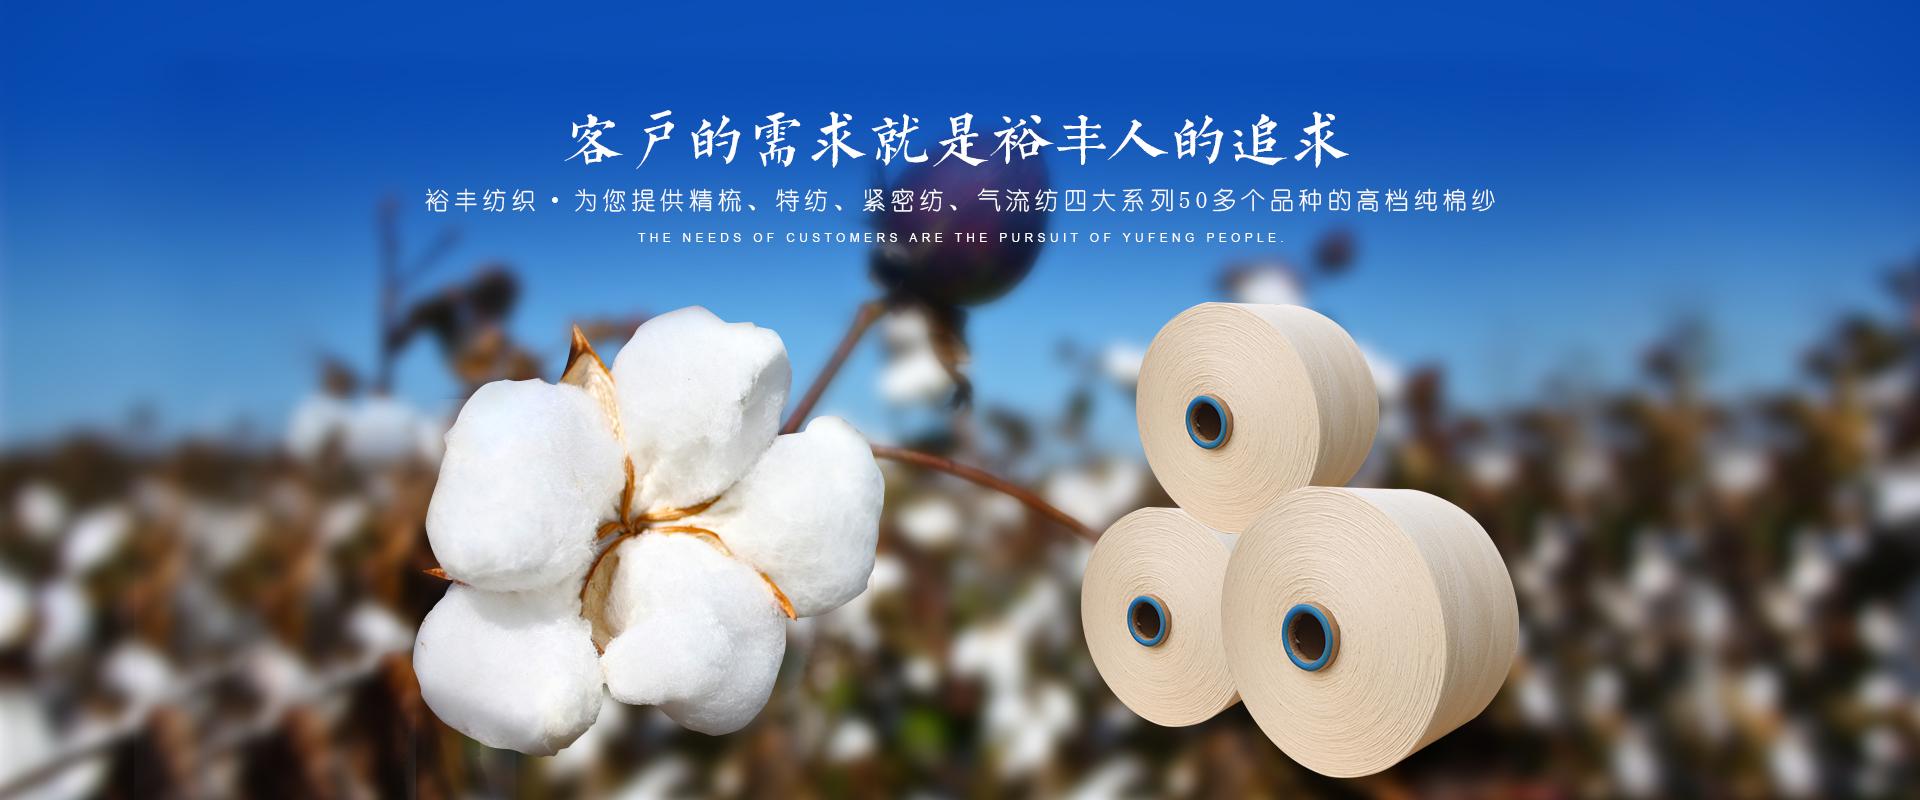 气流纺棉纱_许昌裕丰纺织智能科技集团有限公司